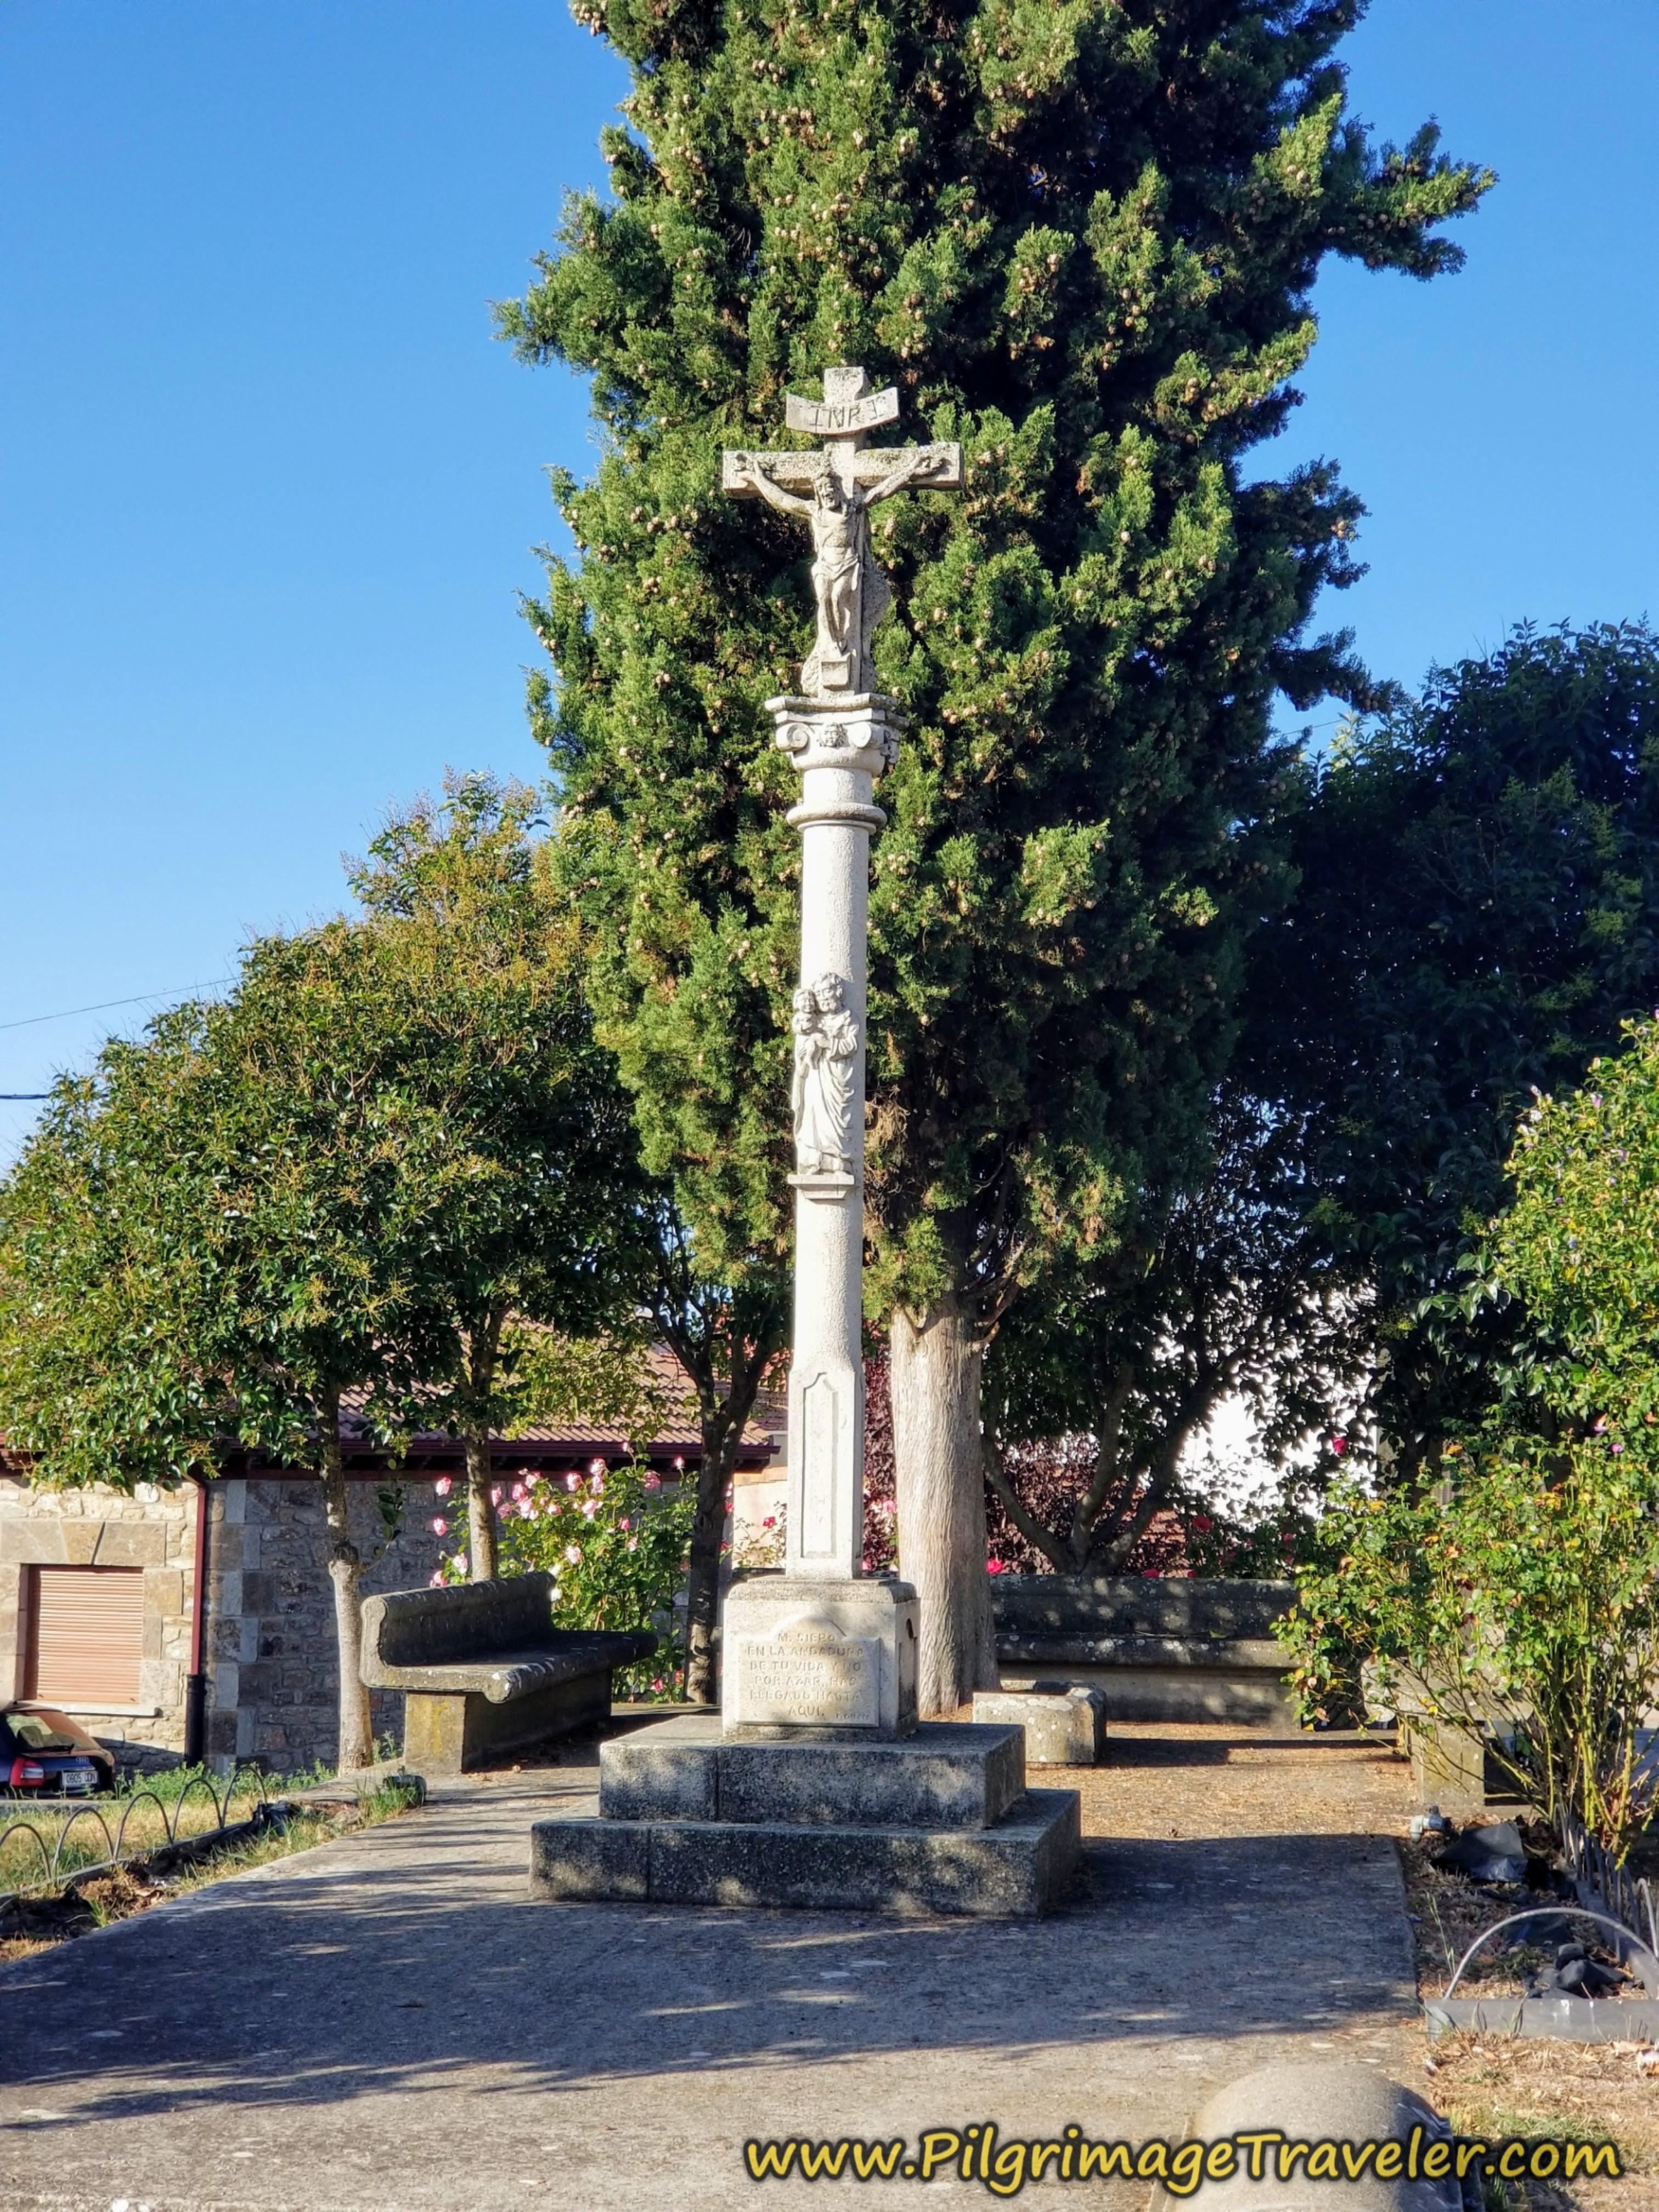 Cross Iglesia de Nuestra Señora de la Asunción